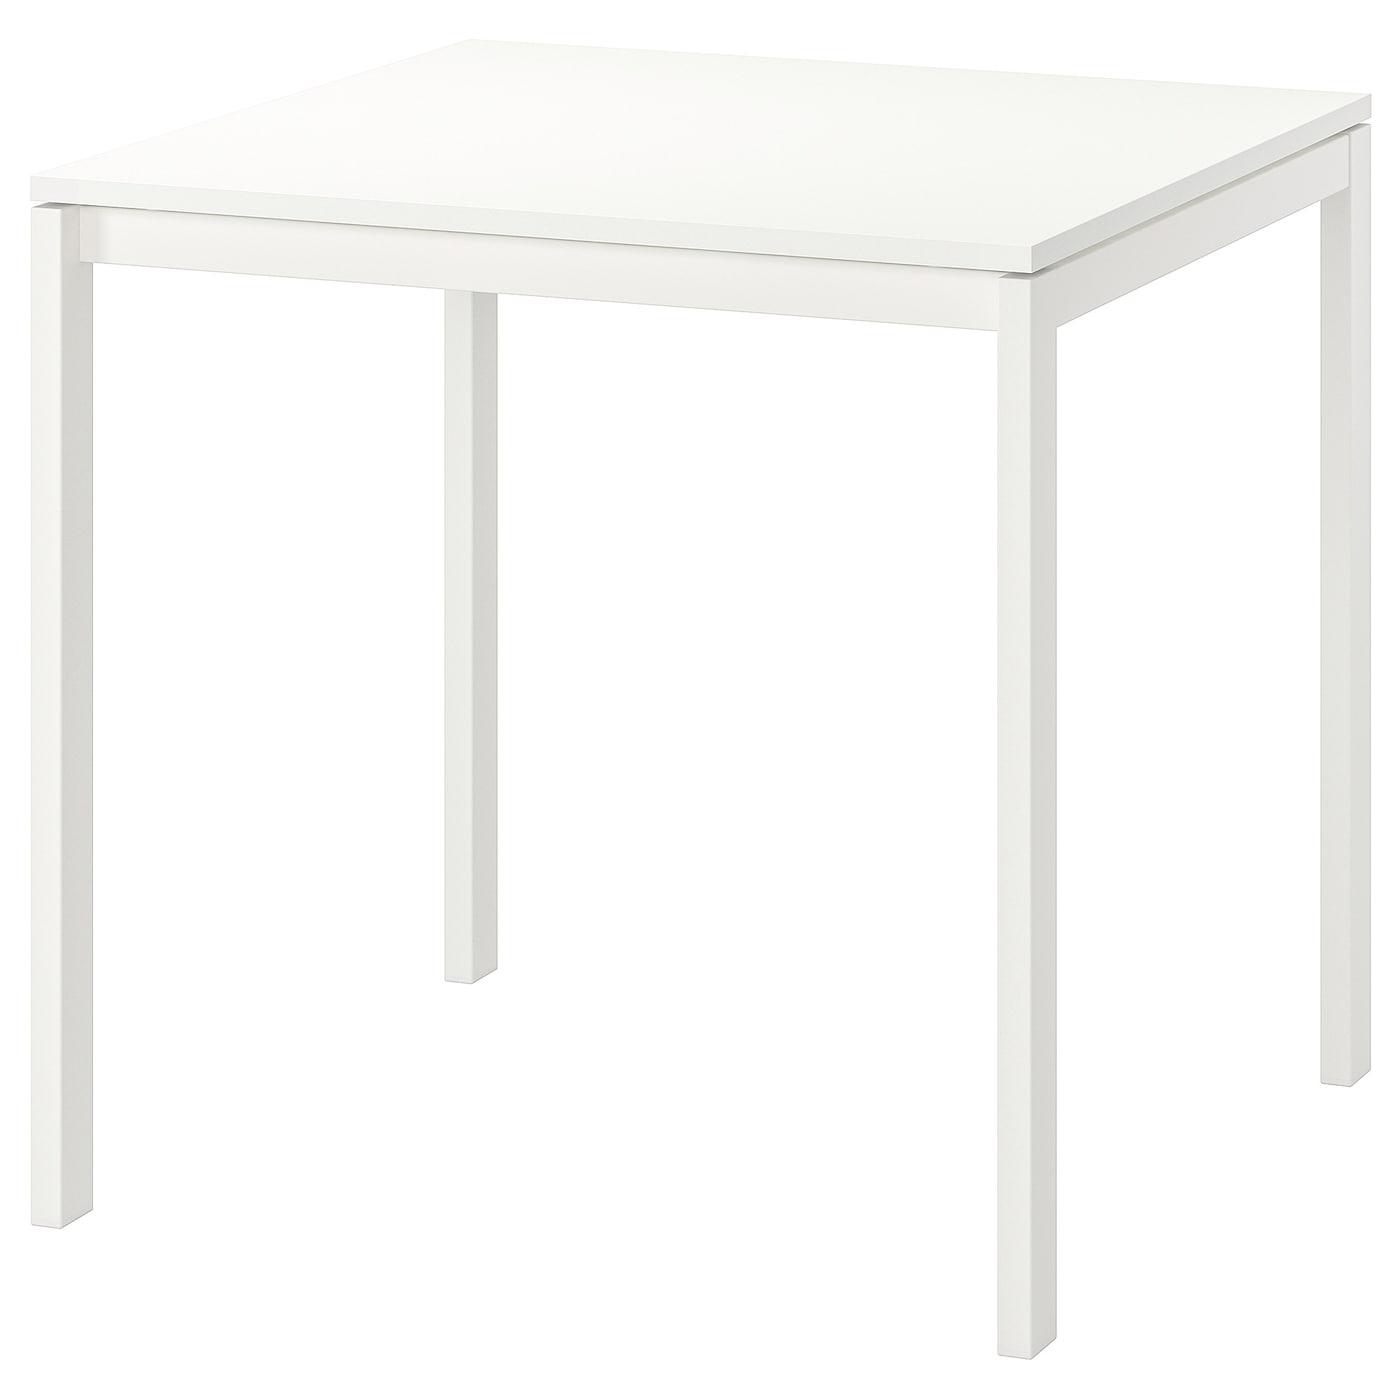 MELLTORP Tisch weiß 75x75 cm